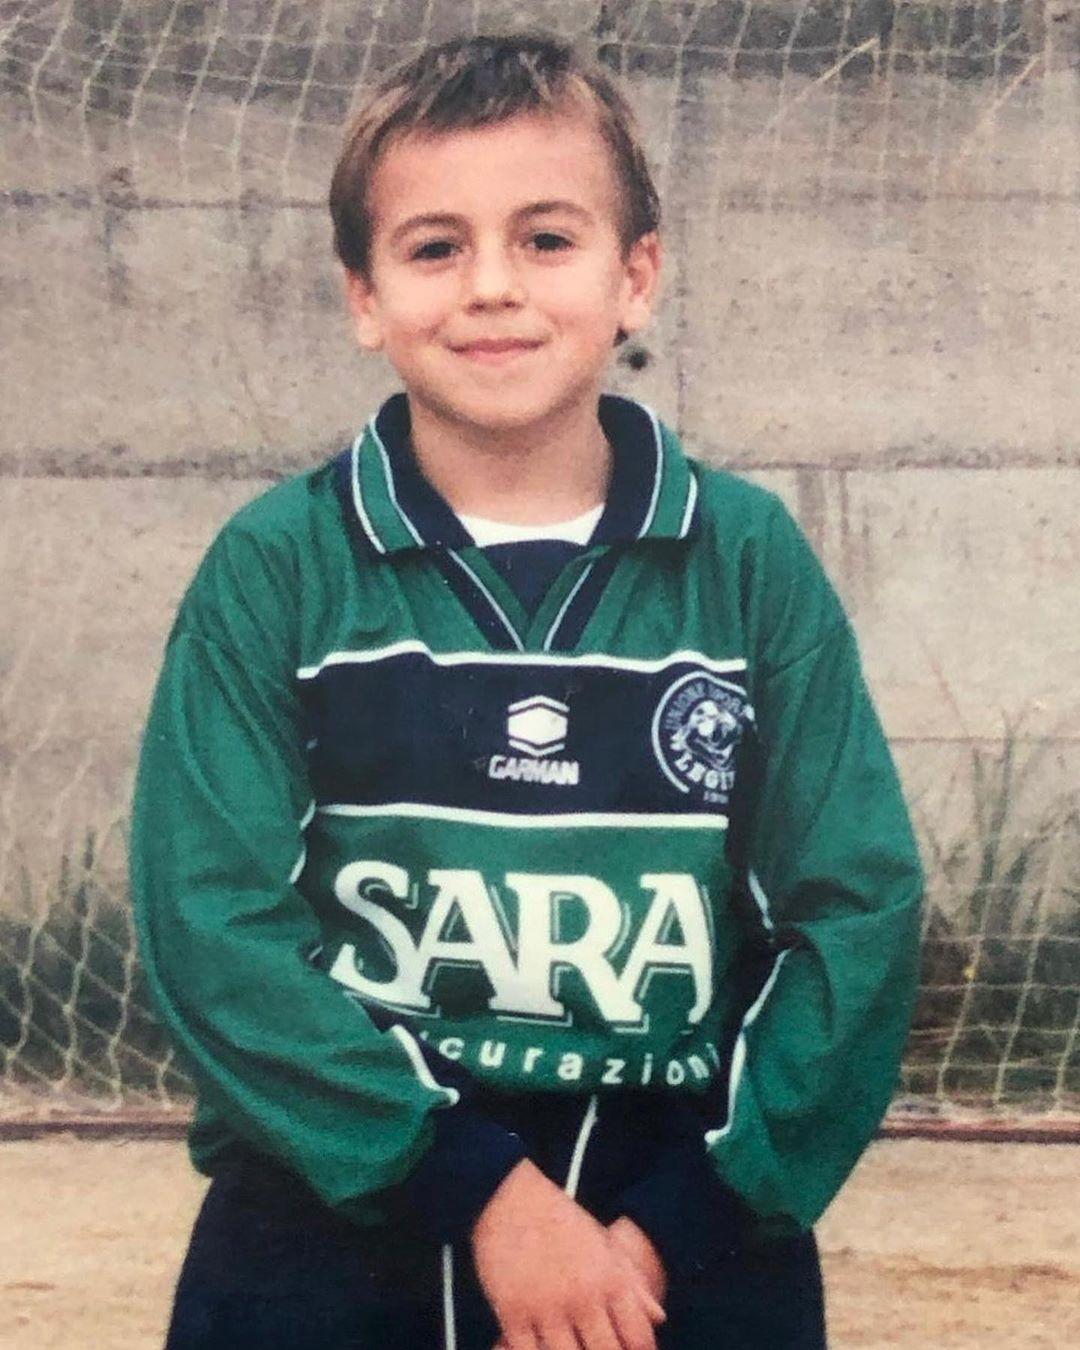 沙拉维赞意大利新球衣:从门将到国家队,回归最初的颜色